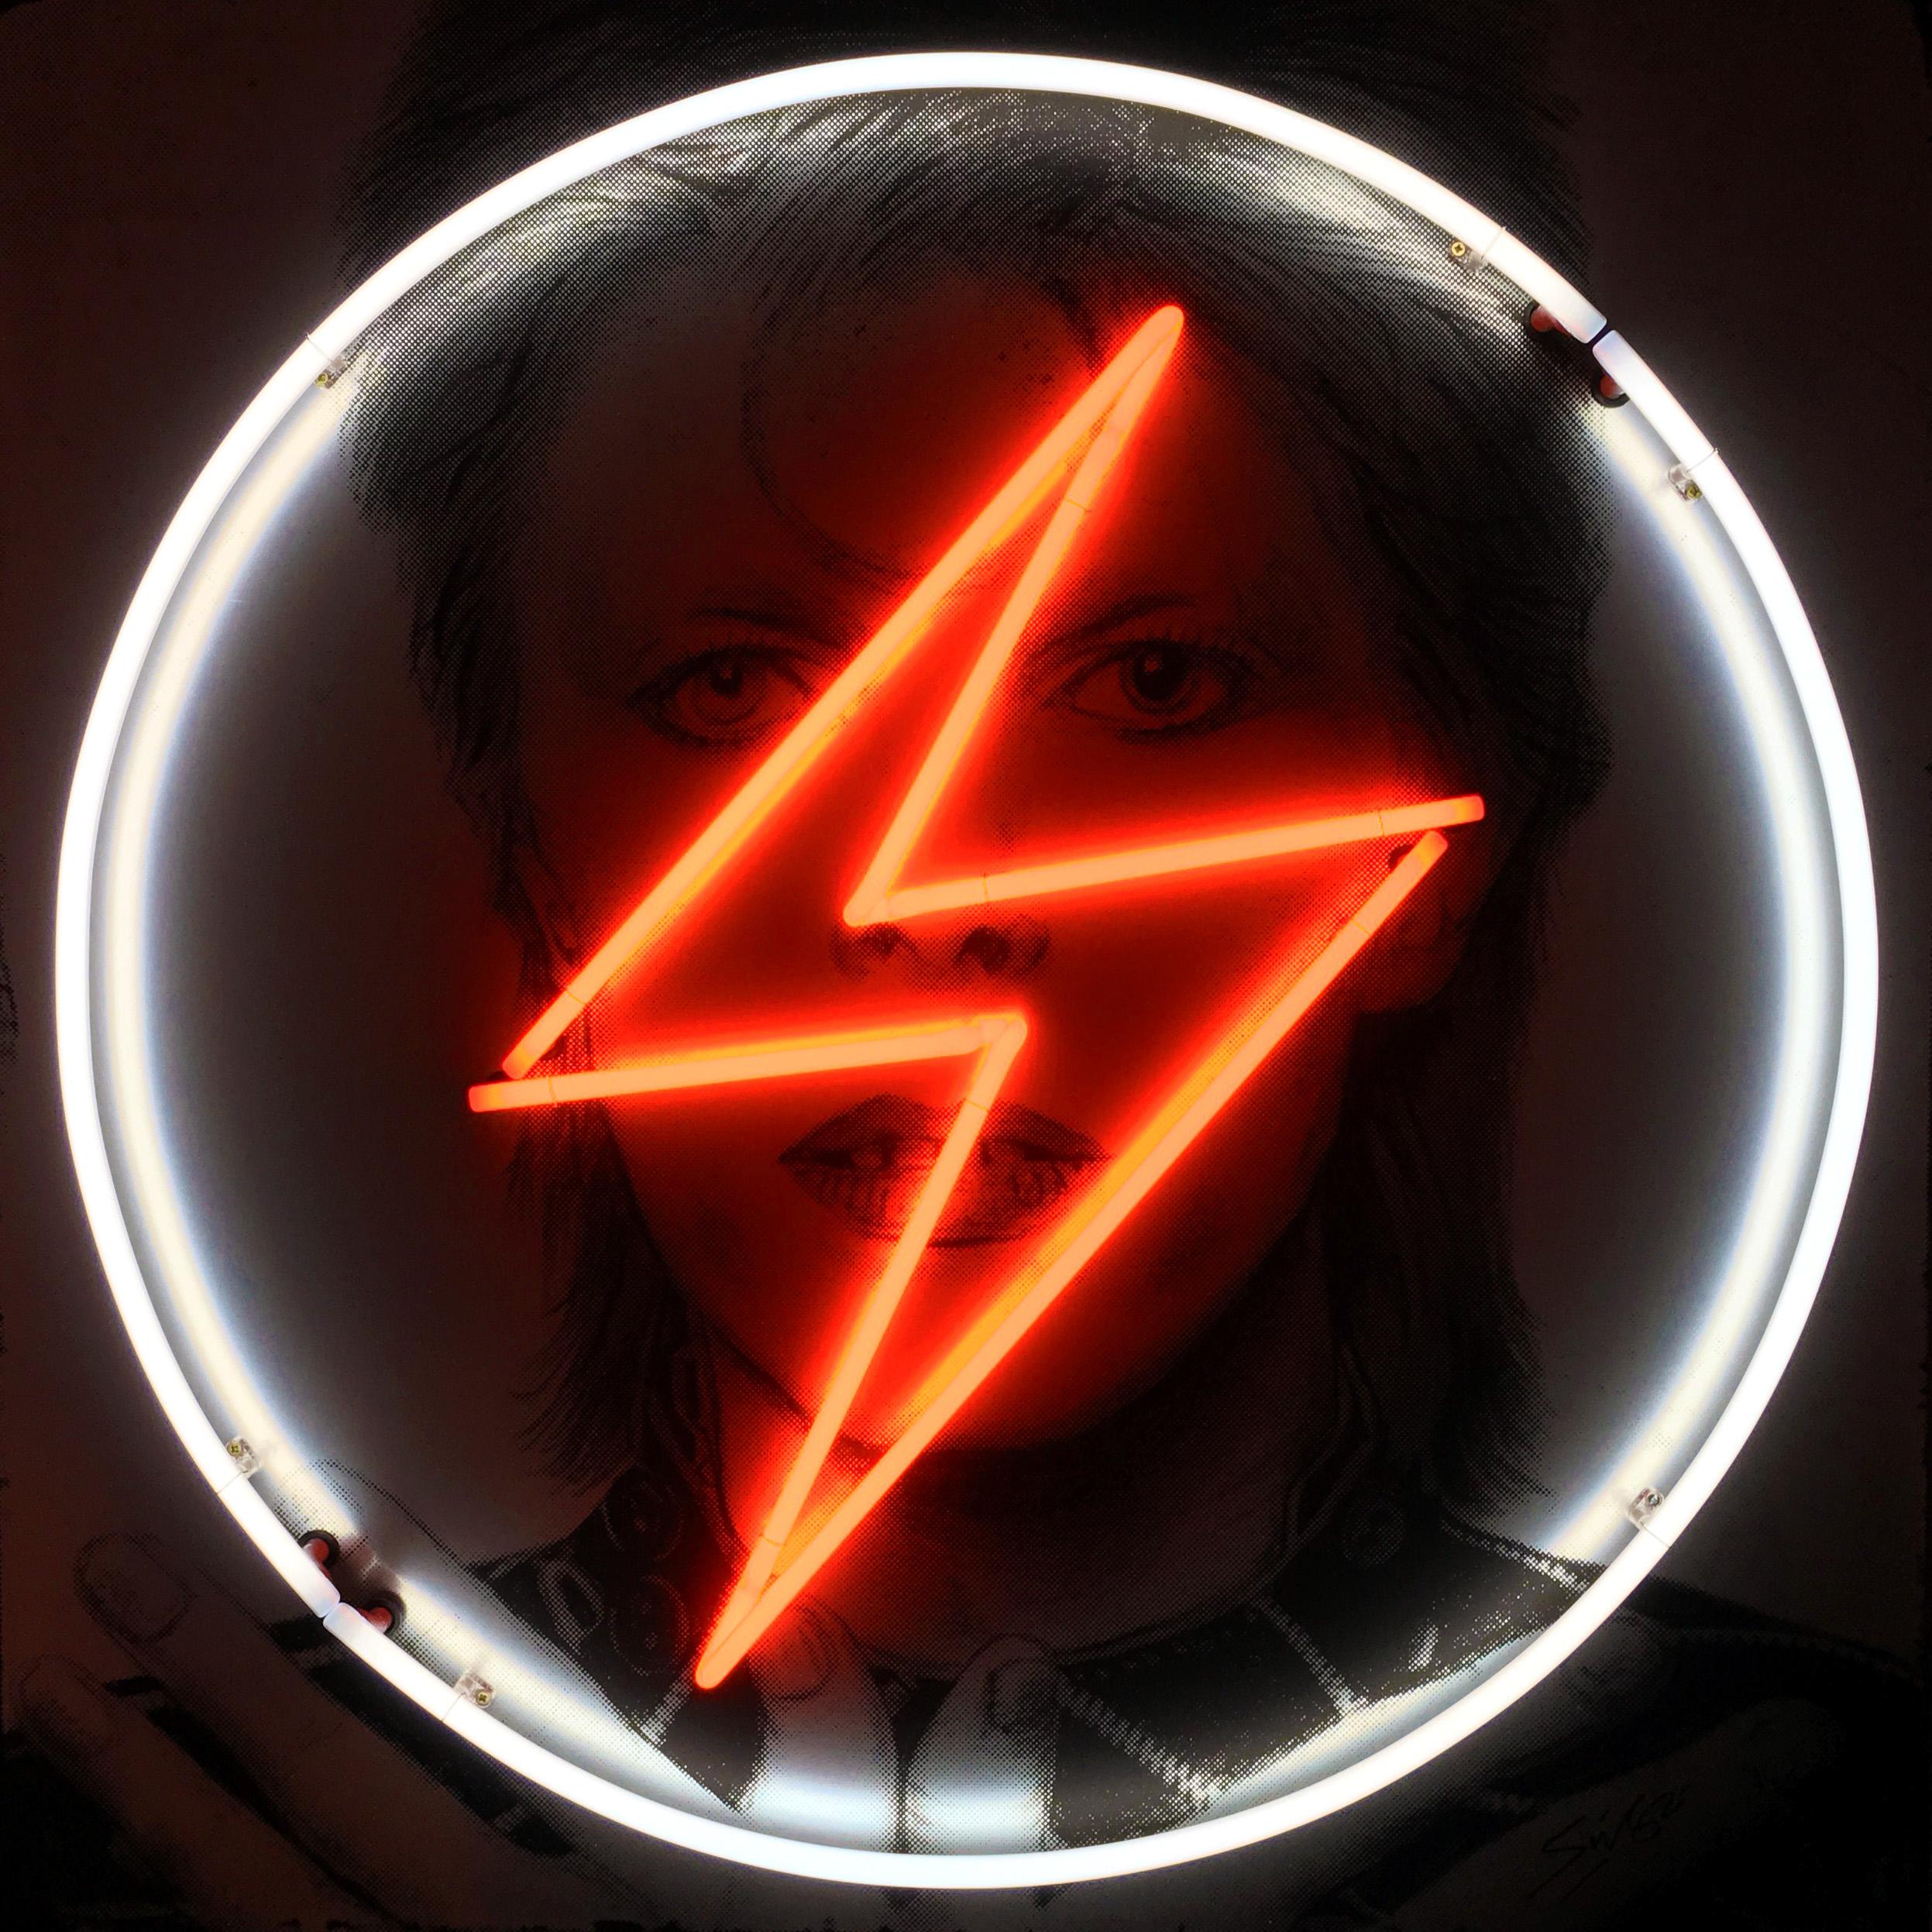 Louis Sidoli Neon Artist: David Bowie - Golden Years Exhibition